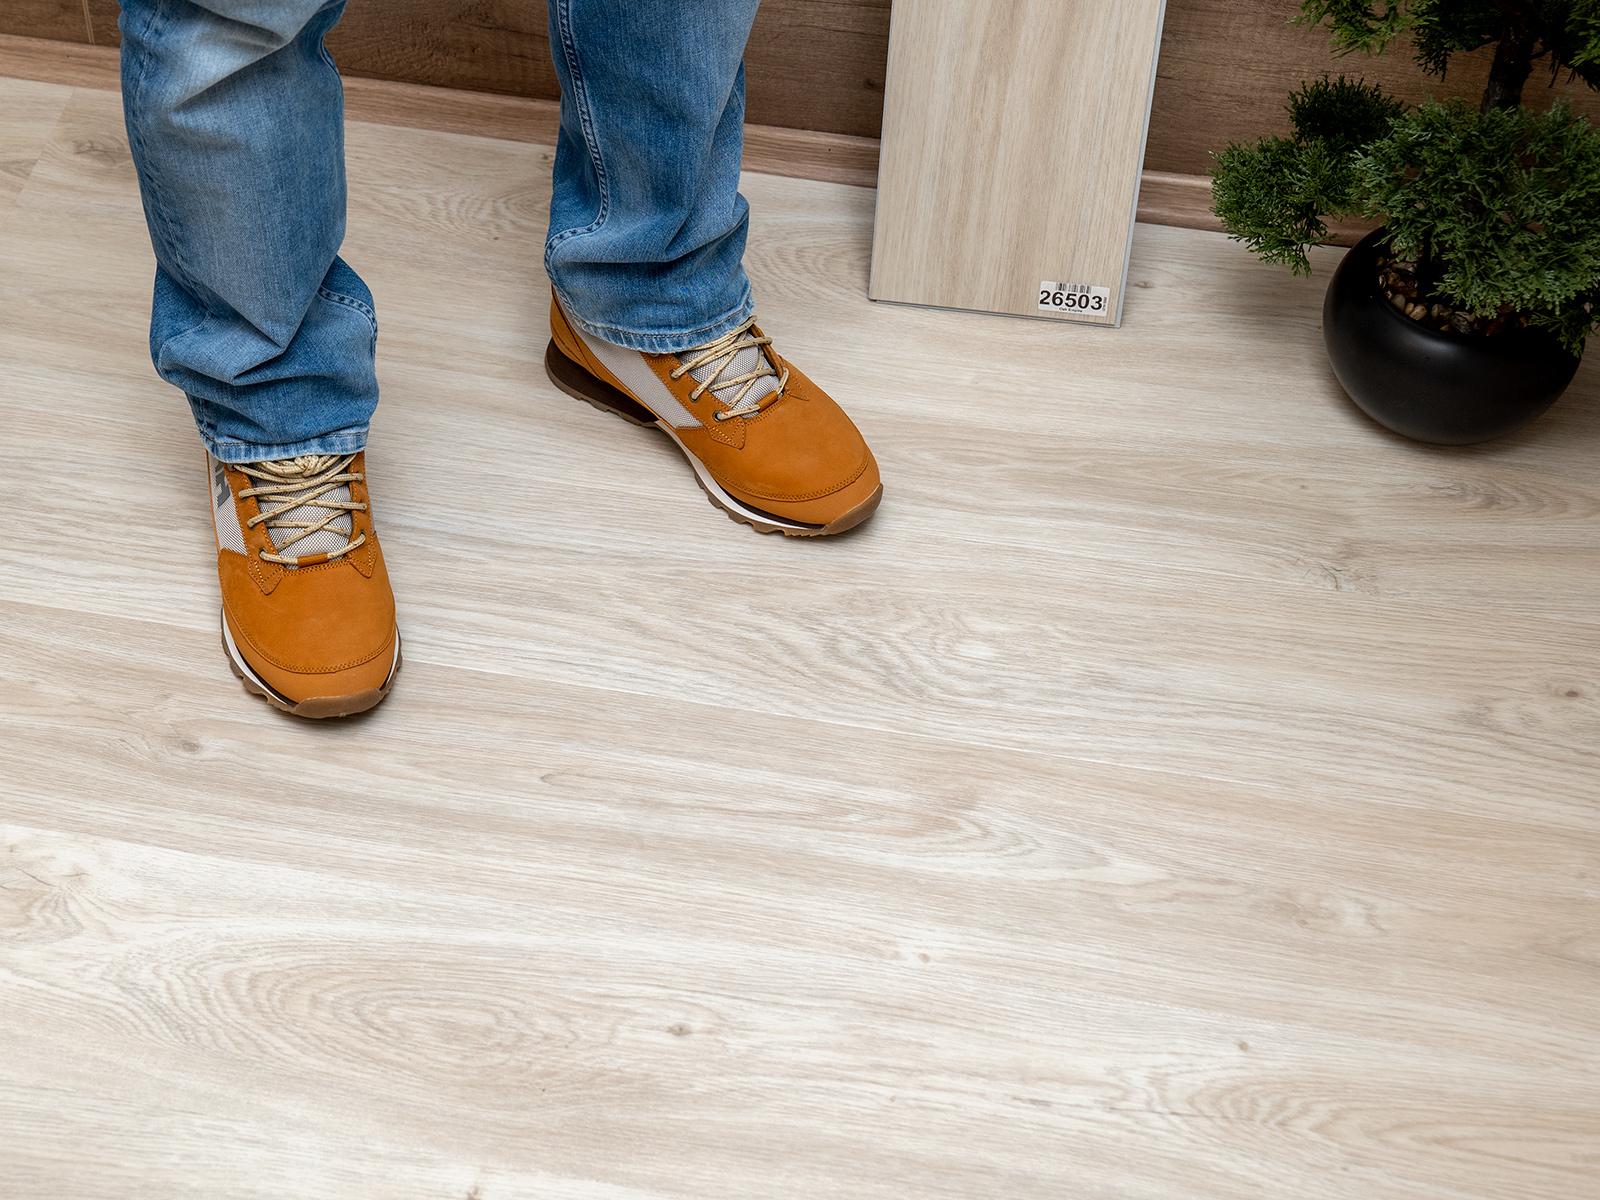 A laminált parketta kedvelt padlóburkoló a családi házakban, üzletekben, irodákban egyaránt.